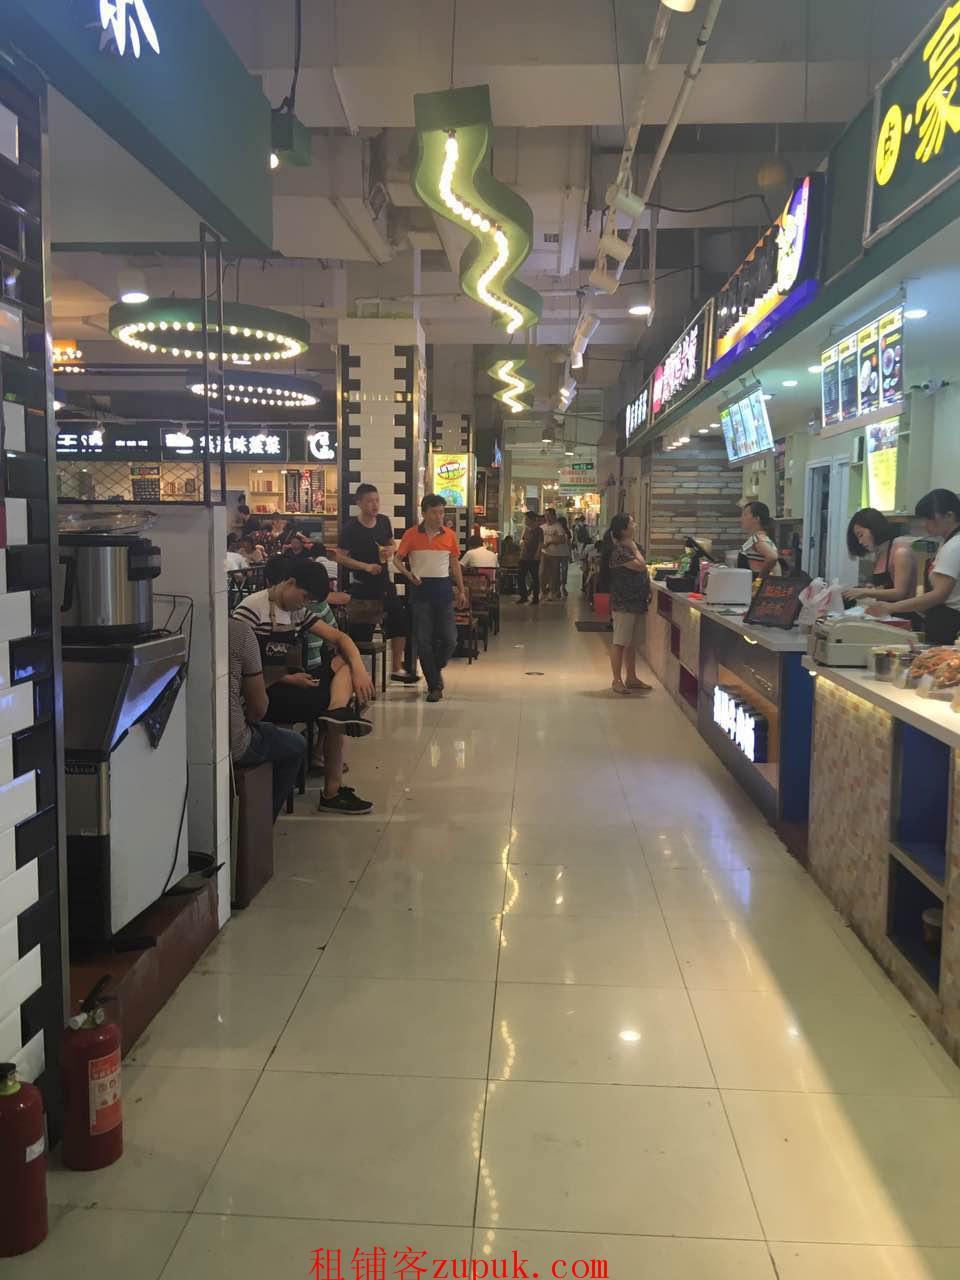 长宁区 虹桥   沿街餐饮商铺 执照齐全 业态不限